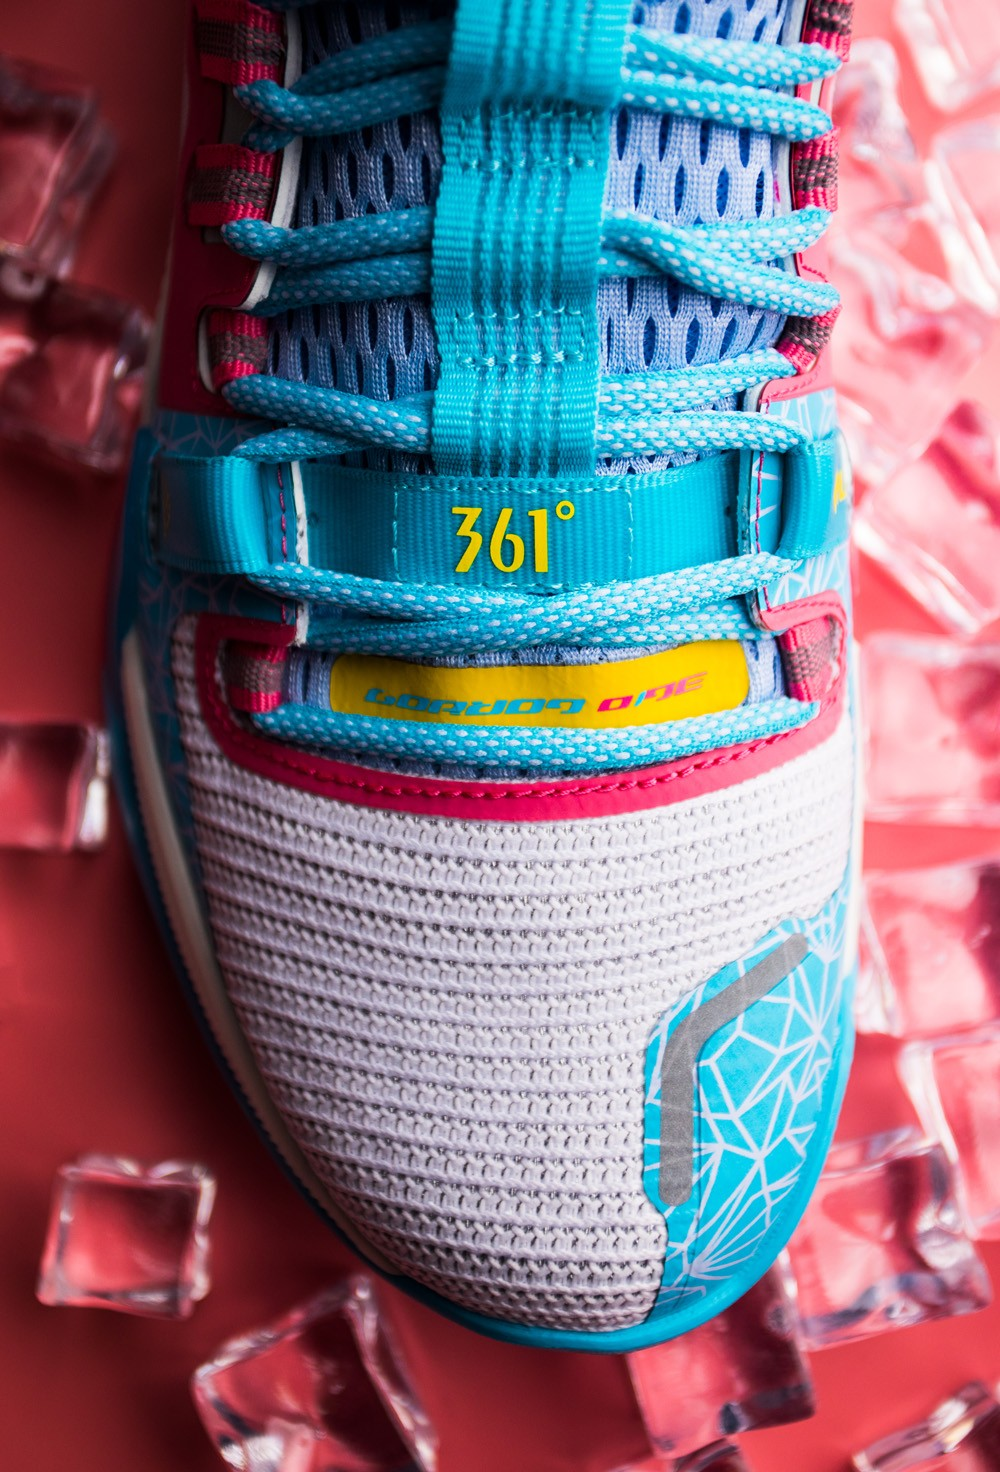 361°,AG1 PRO,开箱,上脚  半夜发售 2 秒售罄!开箱本周最火球鞋!网友:求求补货吧!